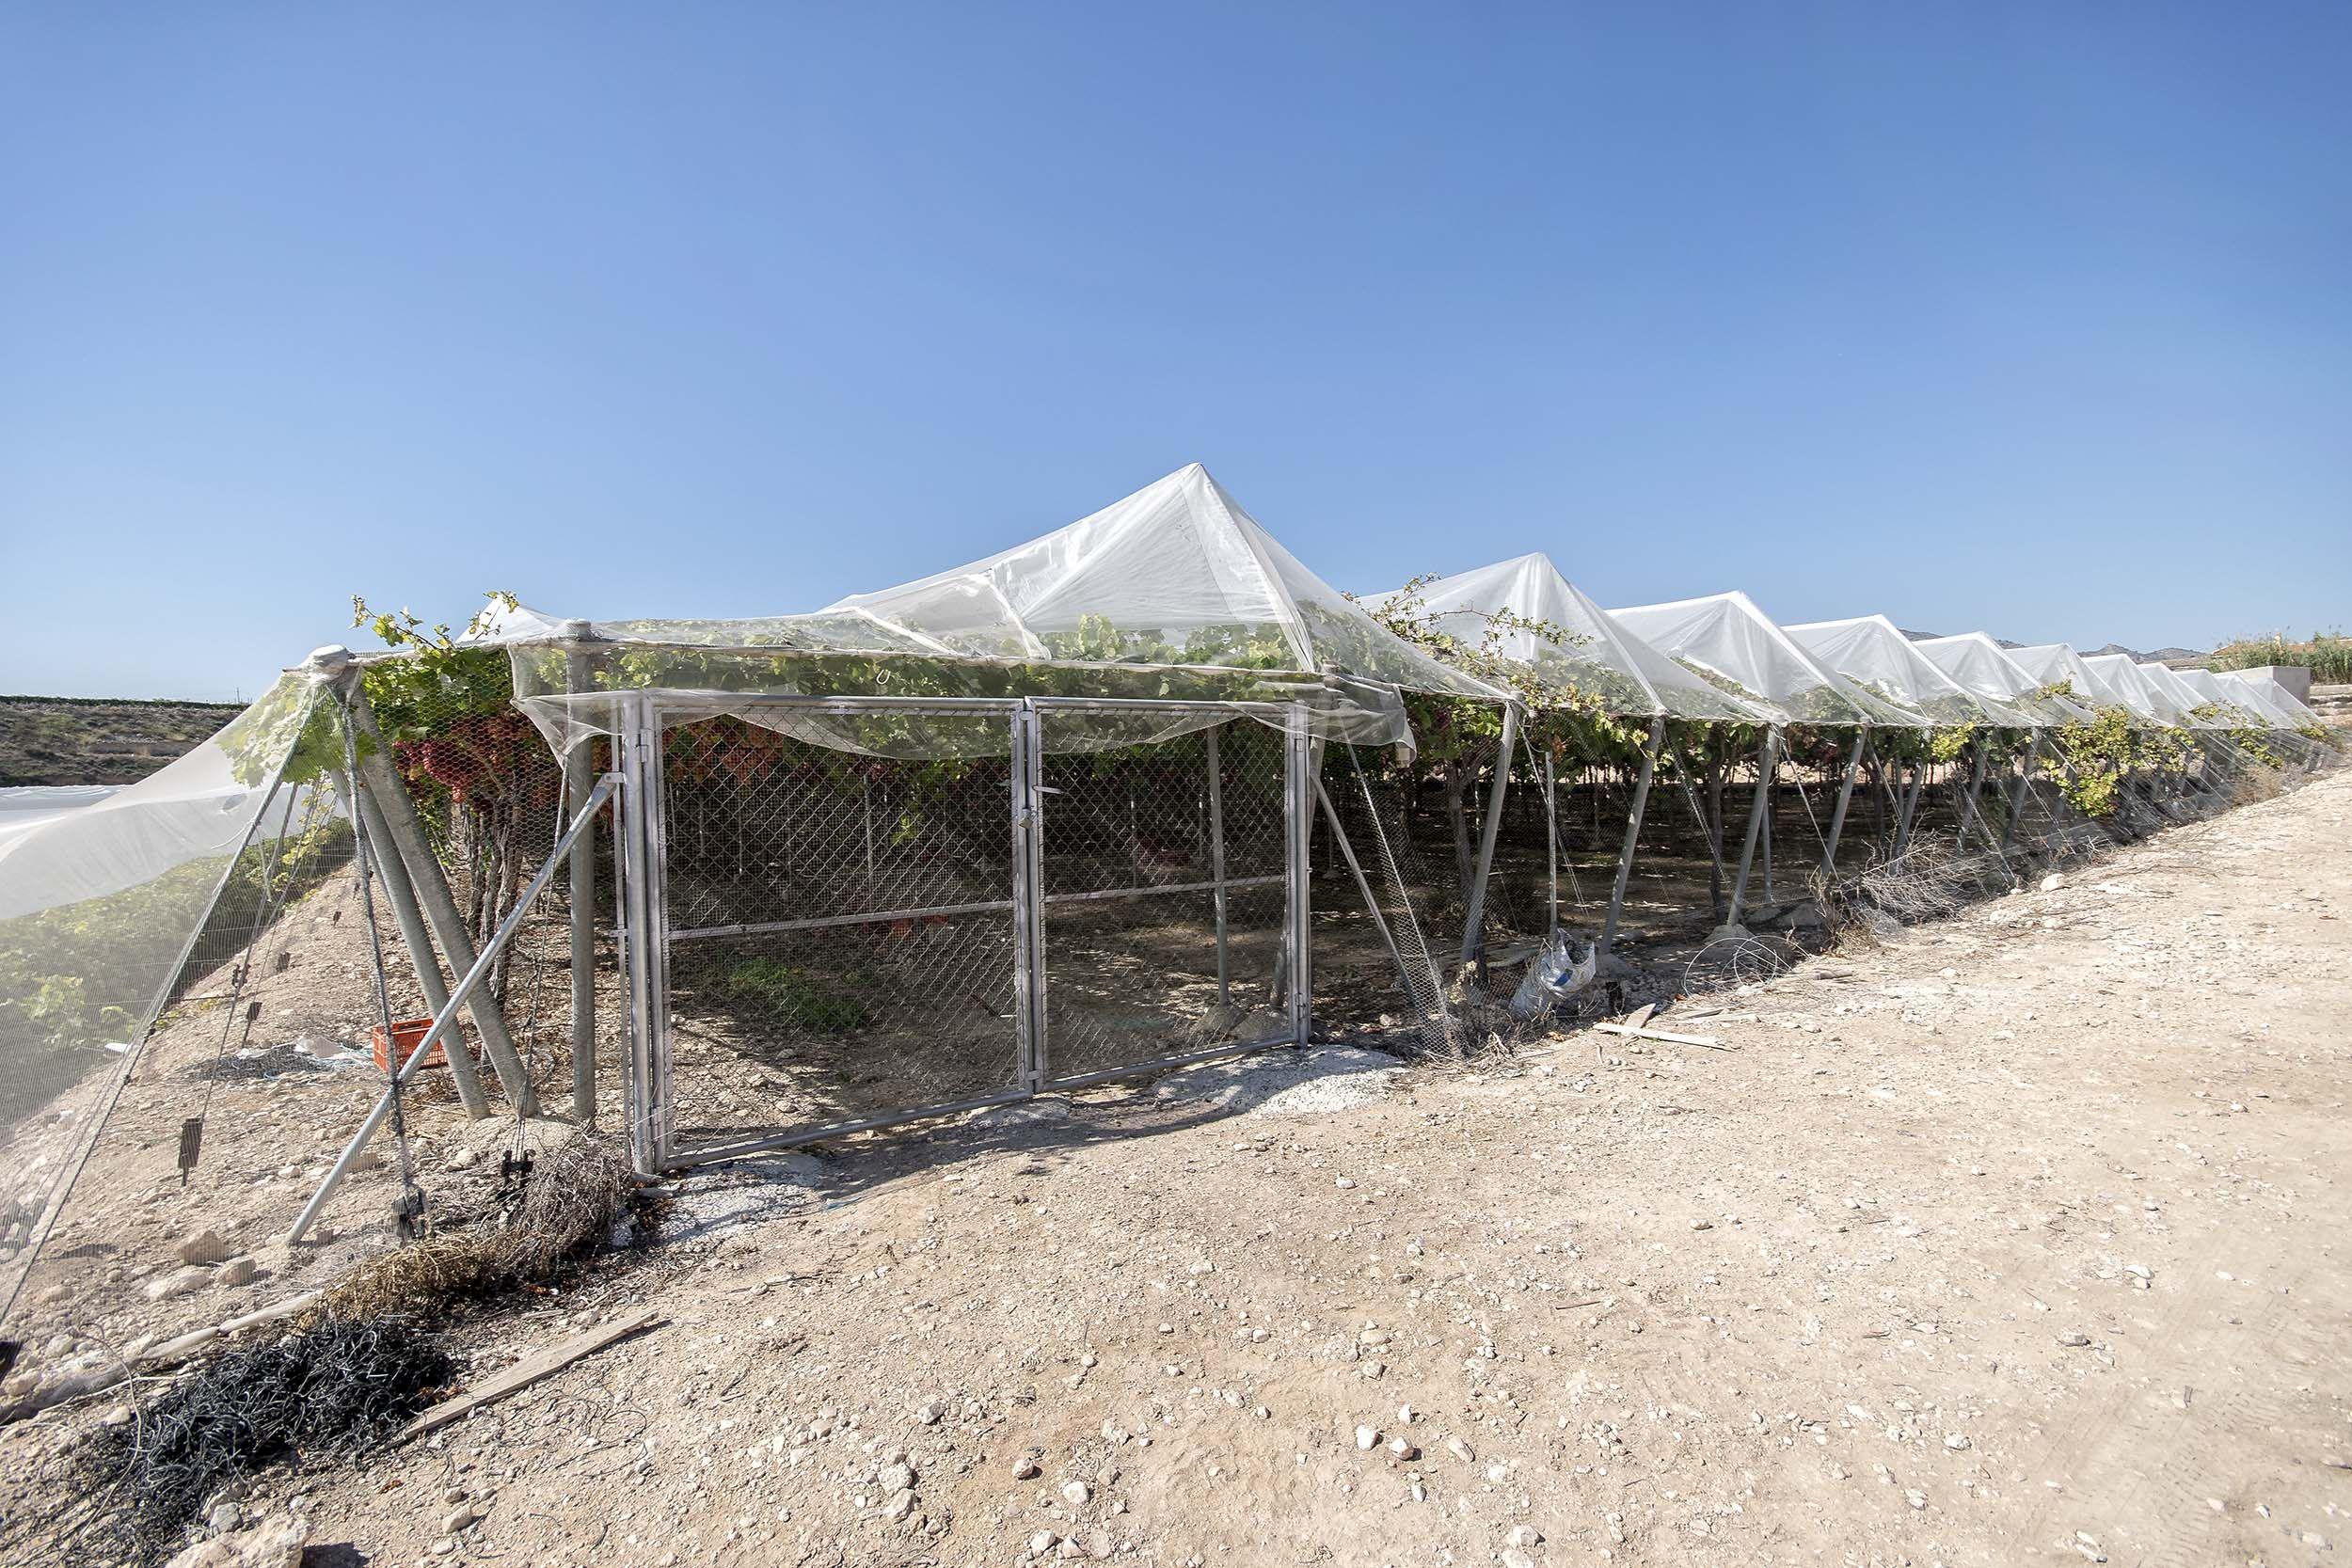 Invernaderos para la mejora de la producción hortofrutícola